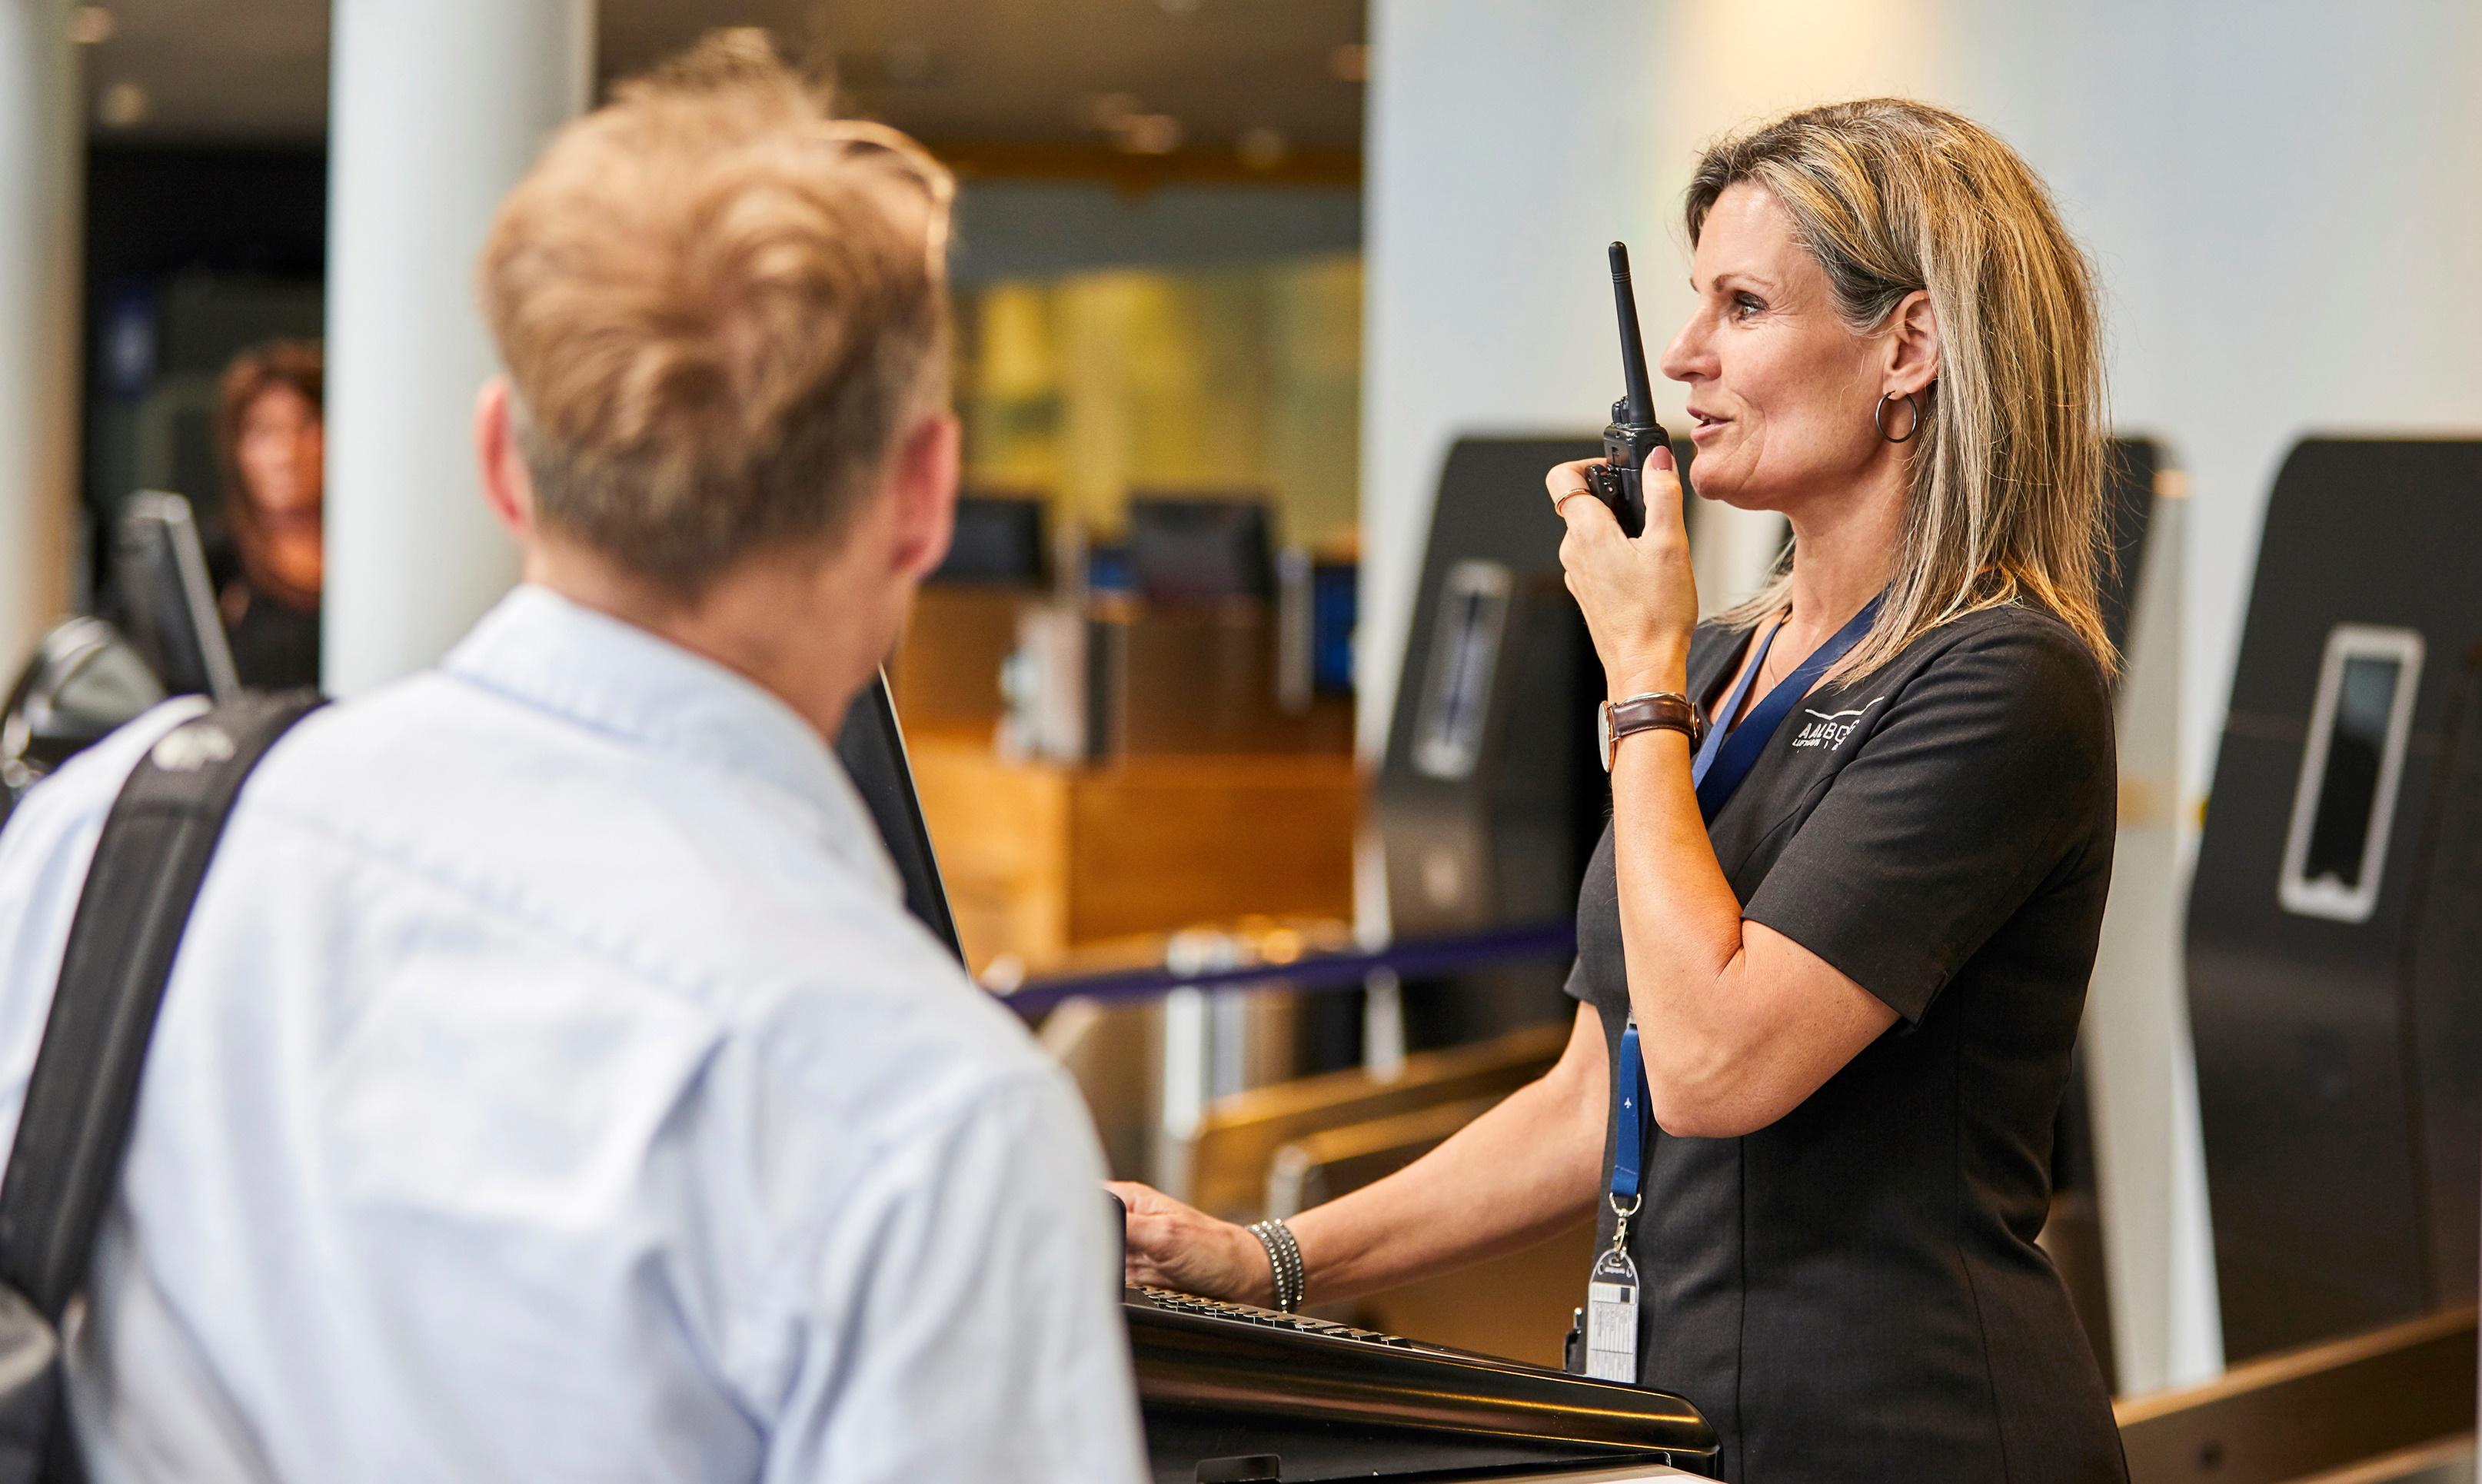 Fra den 27. oktober 2019 bliver der flere udkald til Oslo fra Aalborg Lufthavn. (Foto: Aalborg Lufthavn)